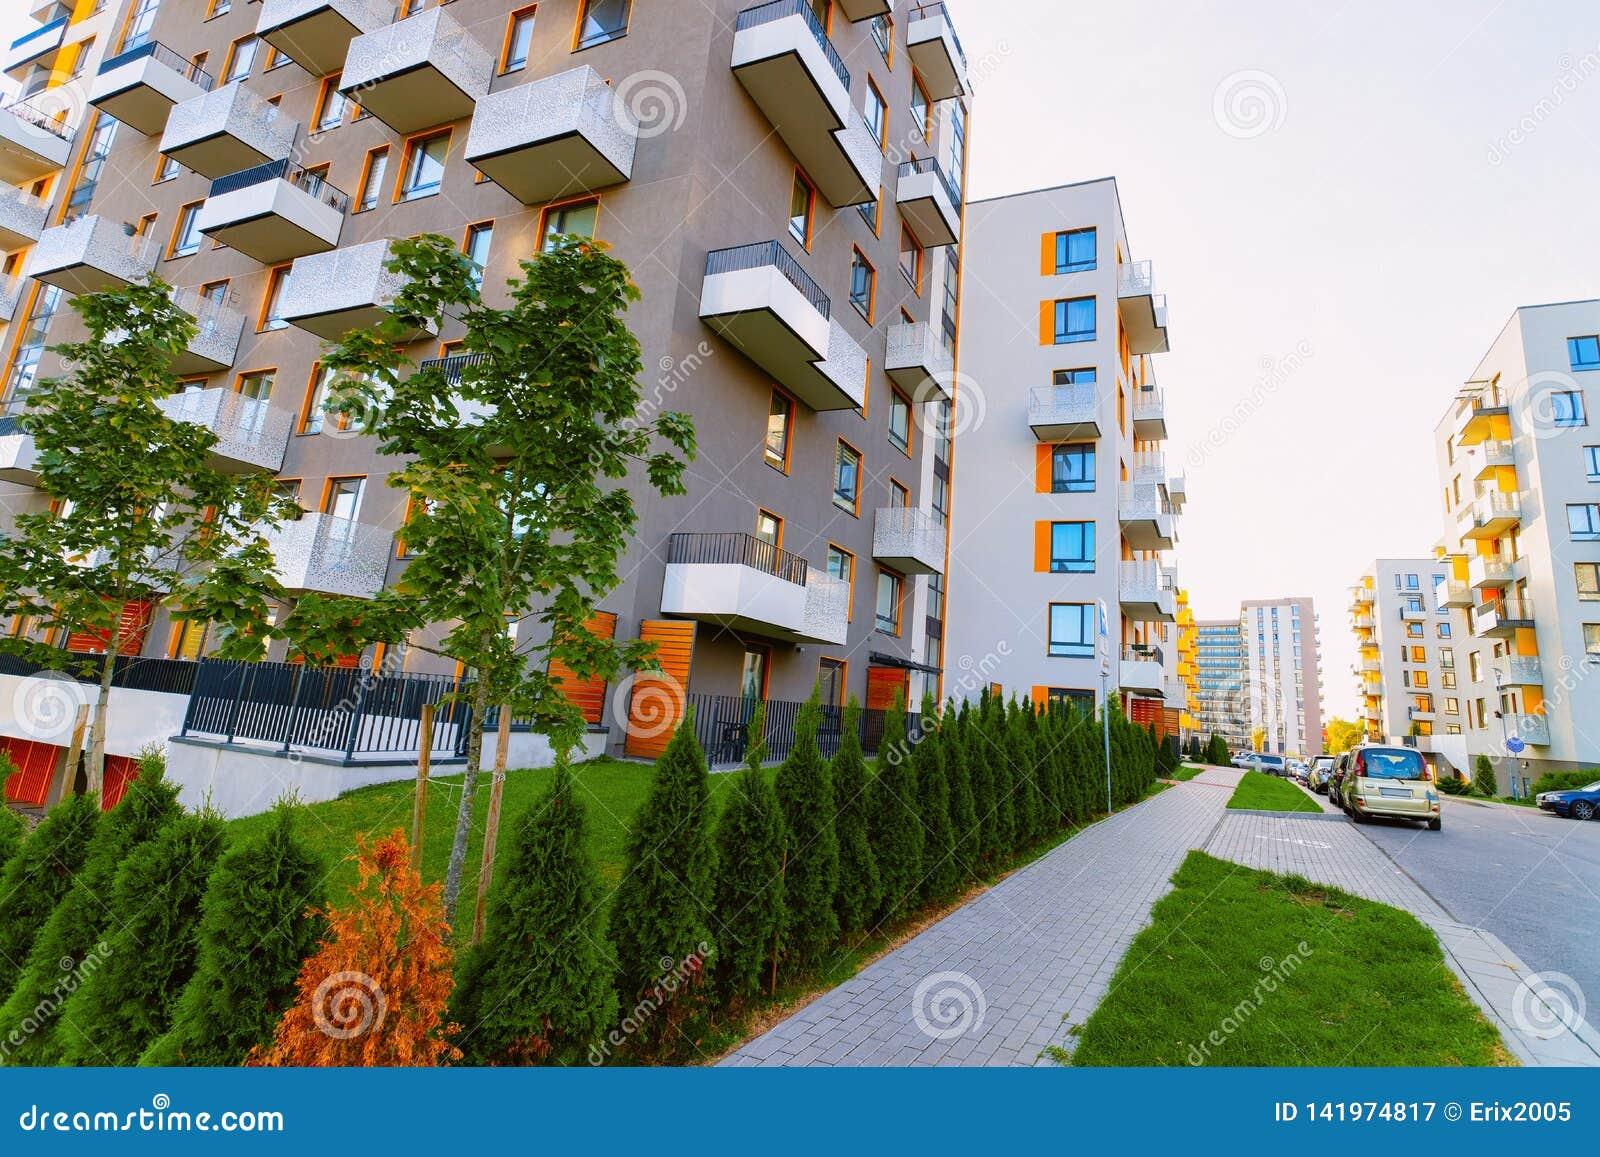 Mieszkanie domu budynku mieszkalnego kompleksu nieruchomości pojęcia ulica